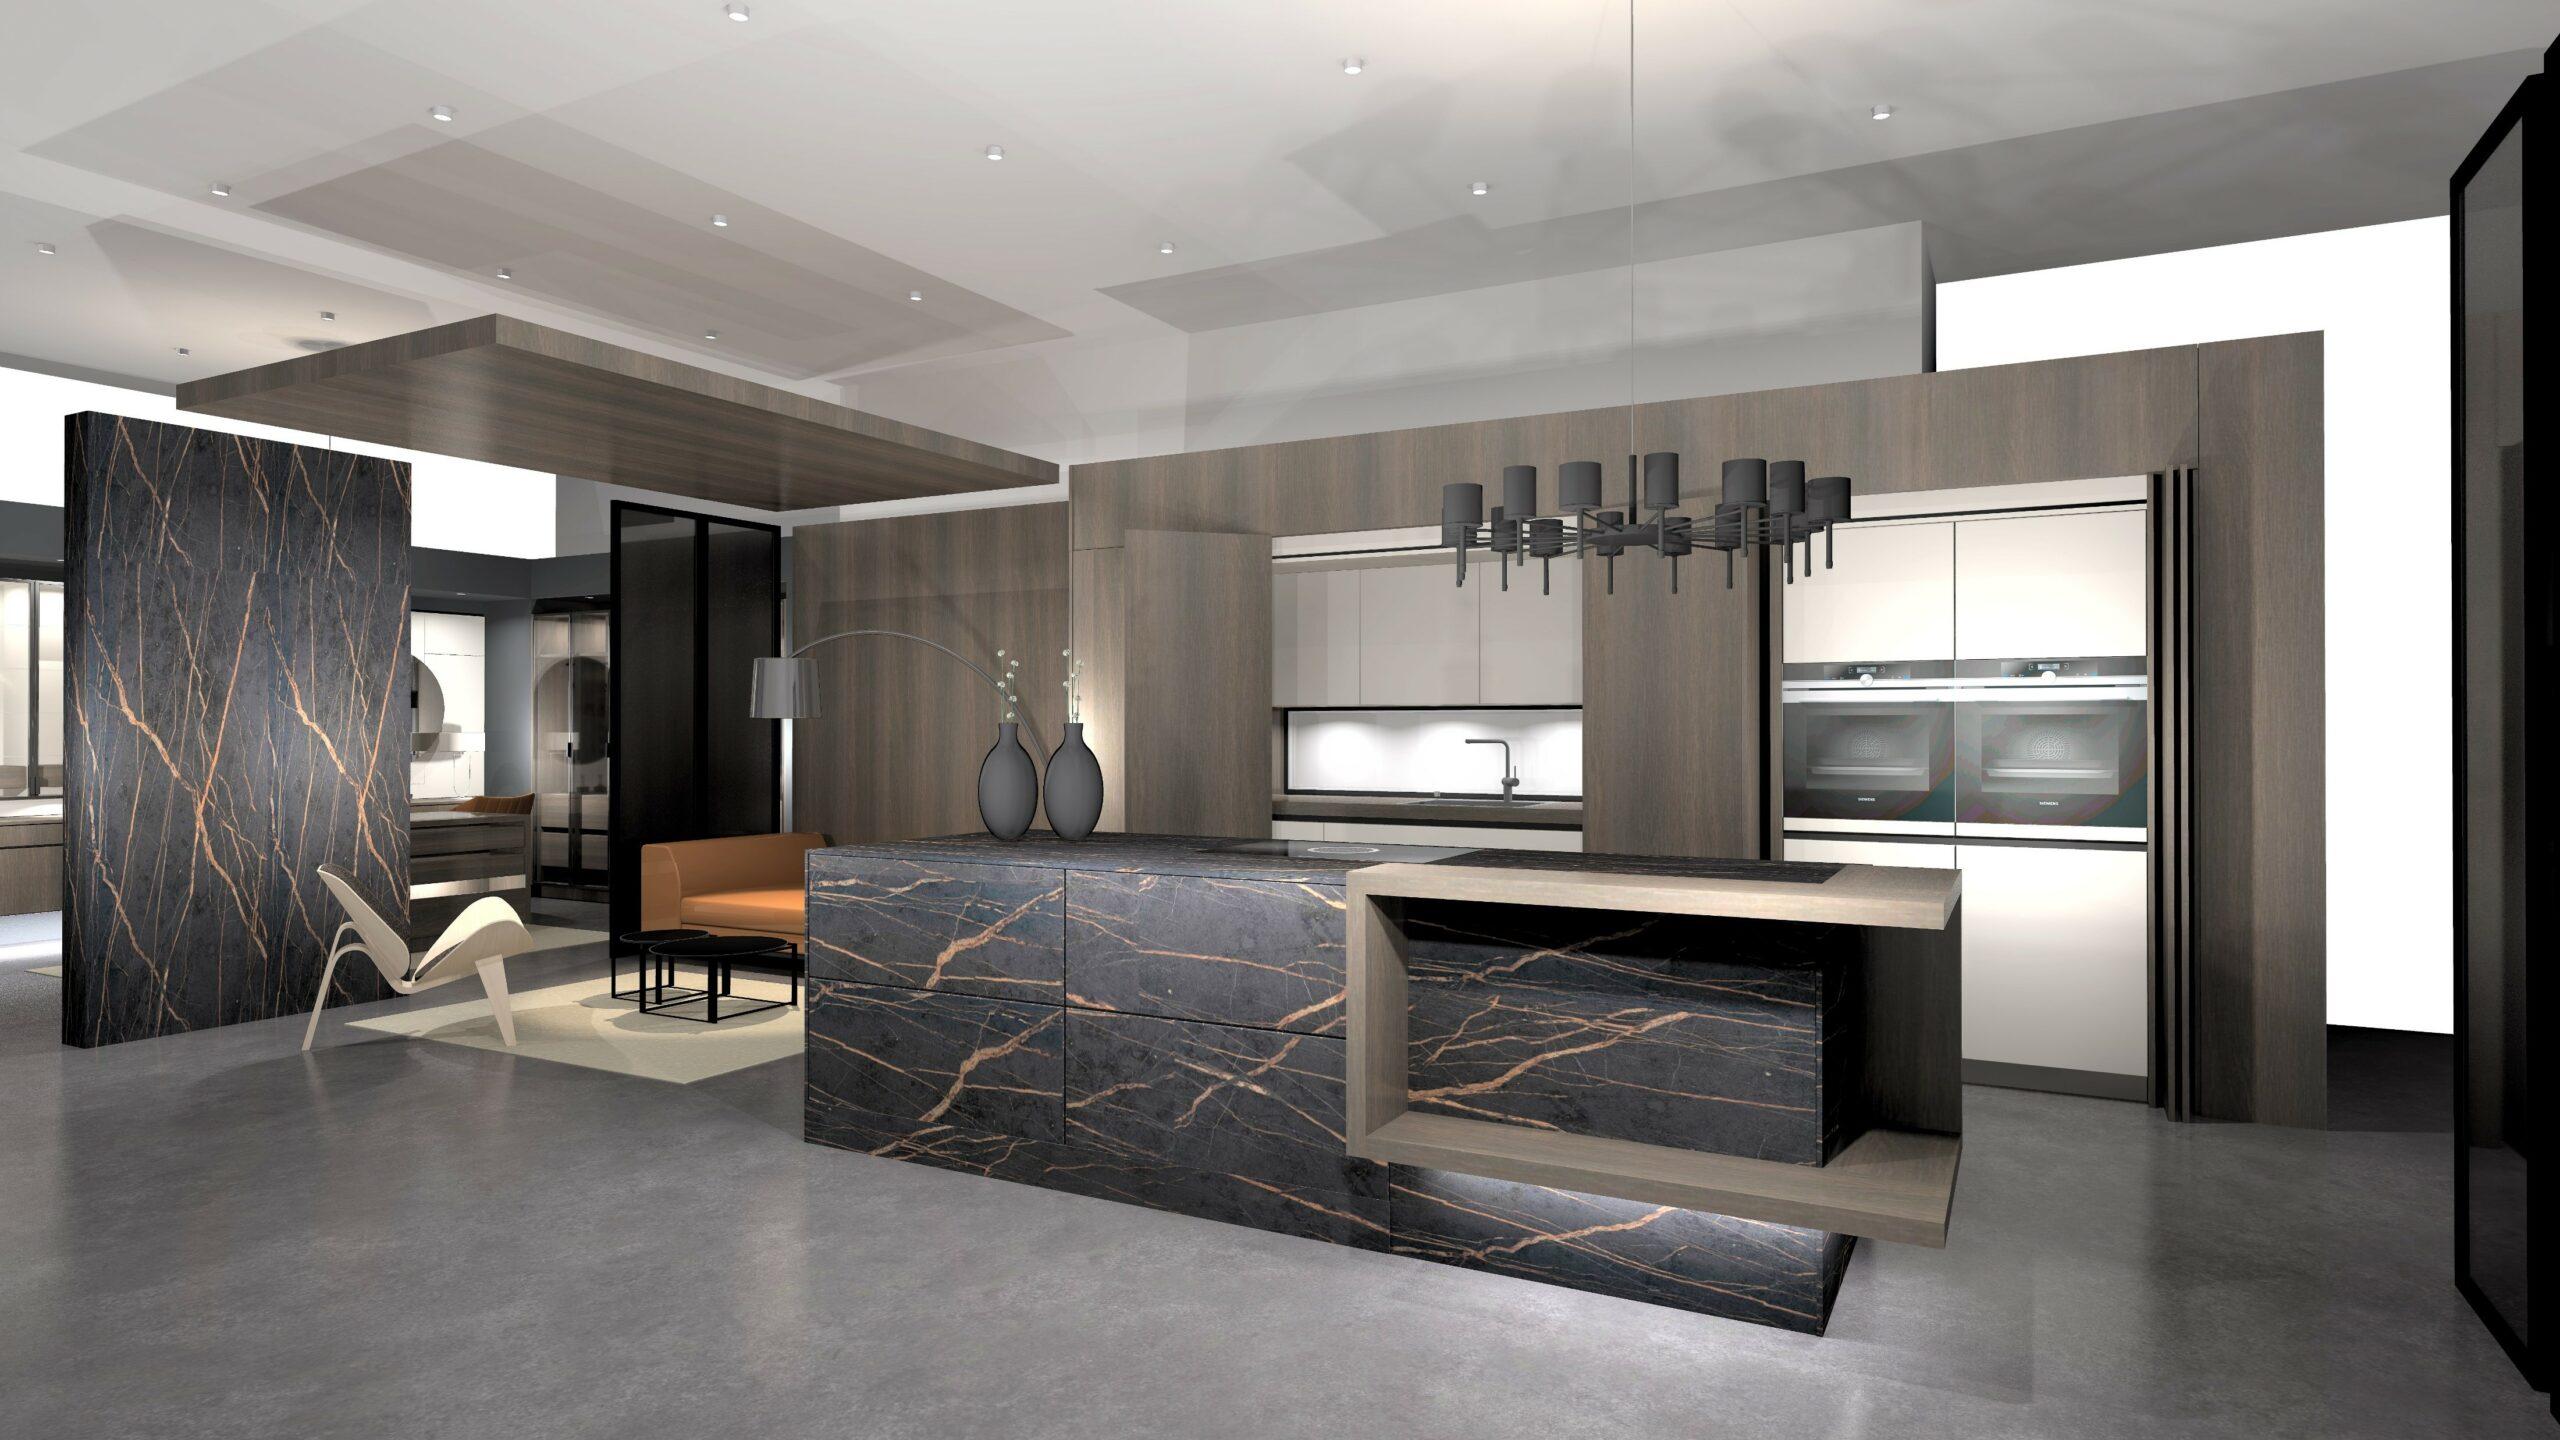 Image of rendering Musterkueche ceram Dekton laurent klein scaled in So viel mehr als Küche - Cosentino